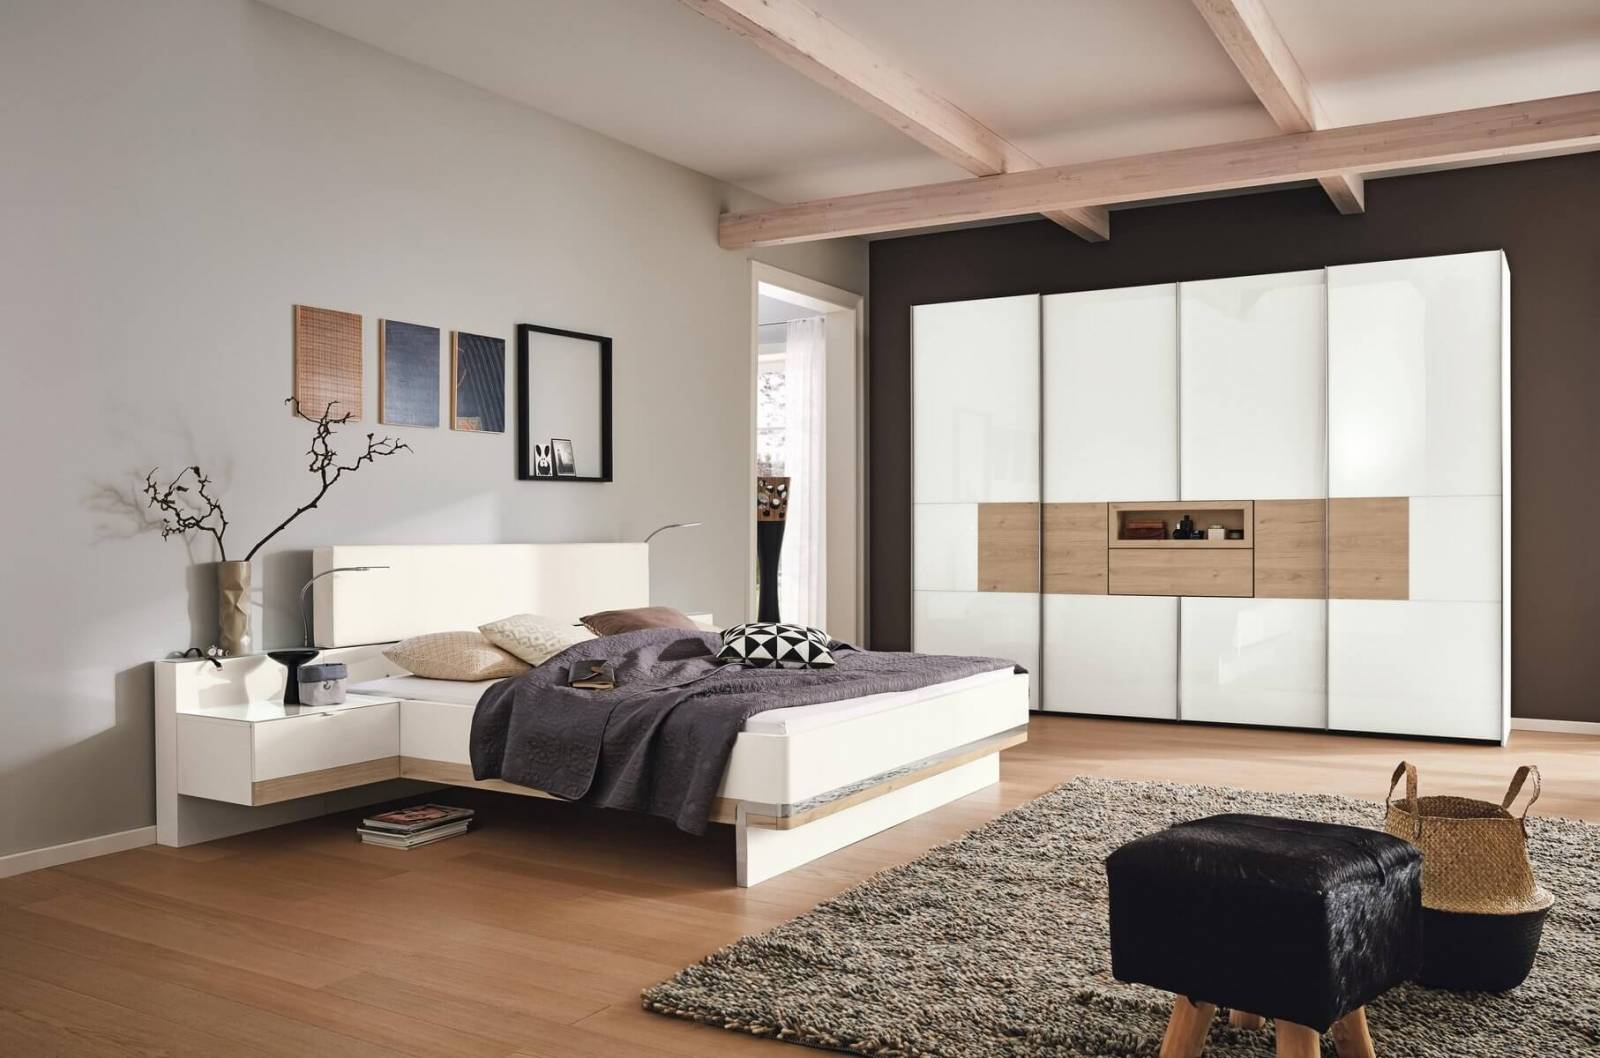 quelles couleurs dans ma chambre coucher magasin de meubles design et d coration d. Black Bedroom Furniture Sets. Home Design Ideas